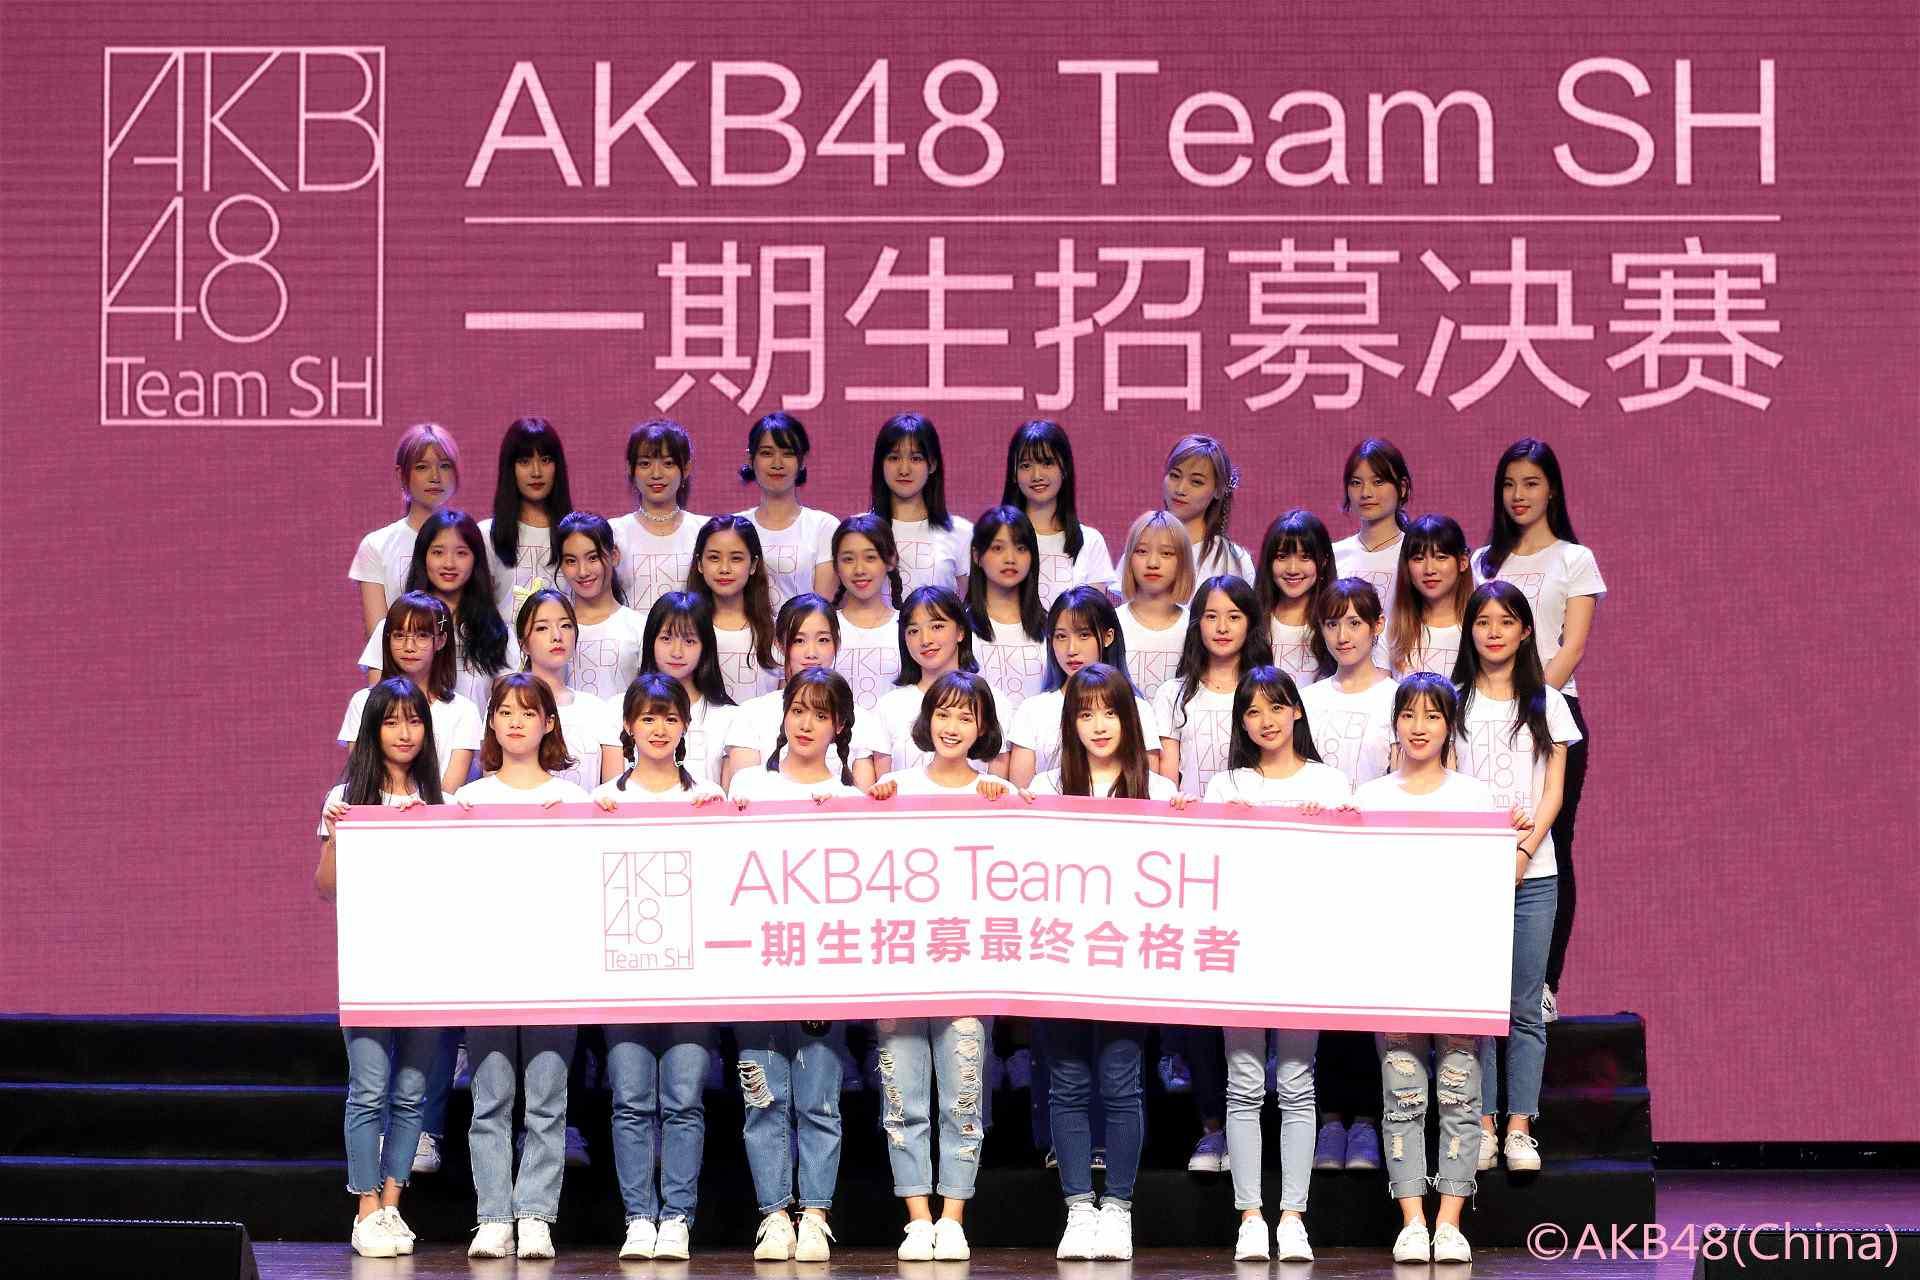 AKB48 Team SH一期生招募决赛举办.jpg